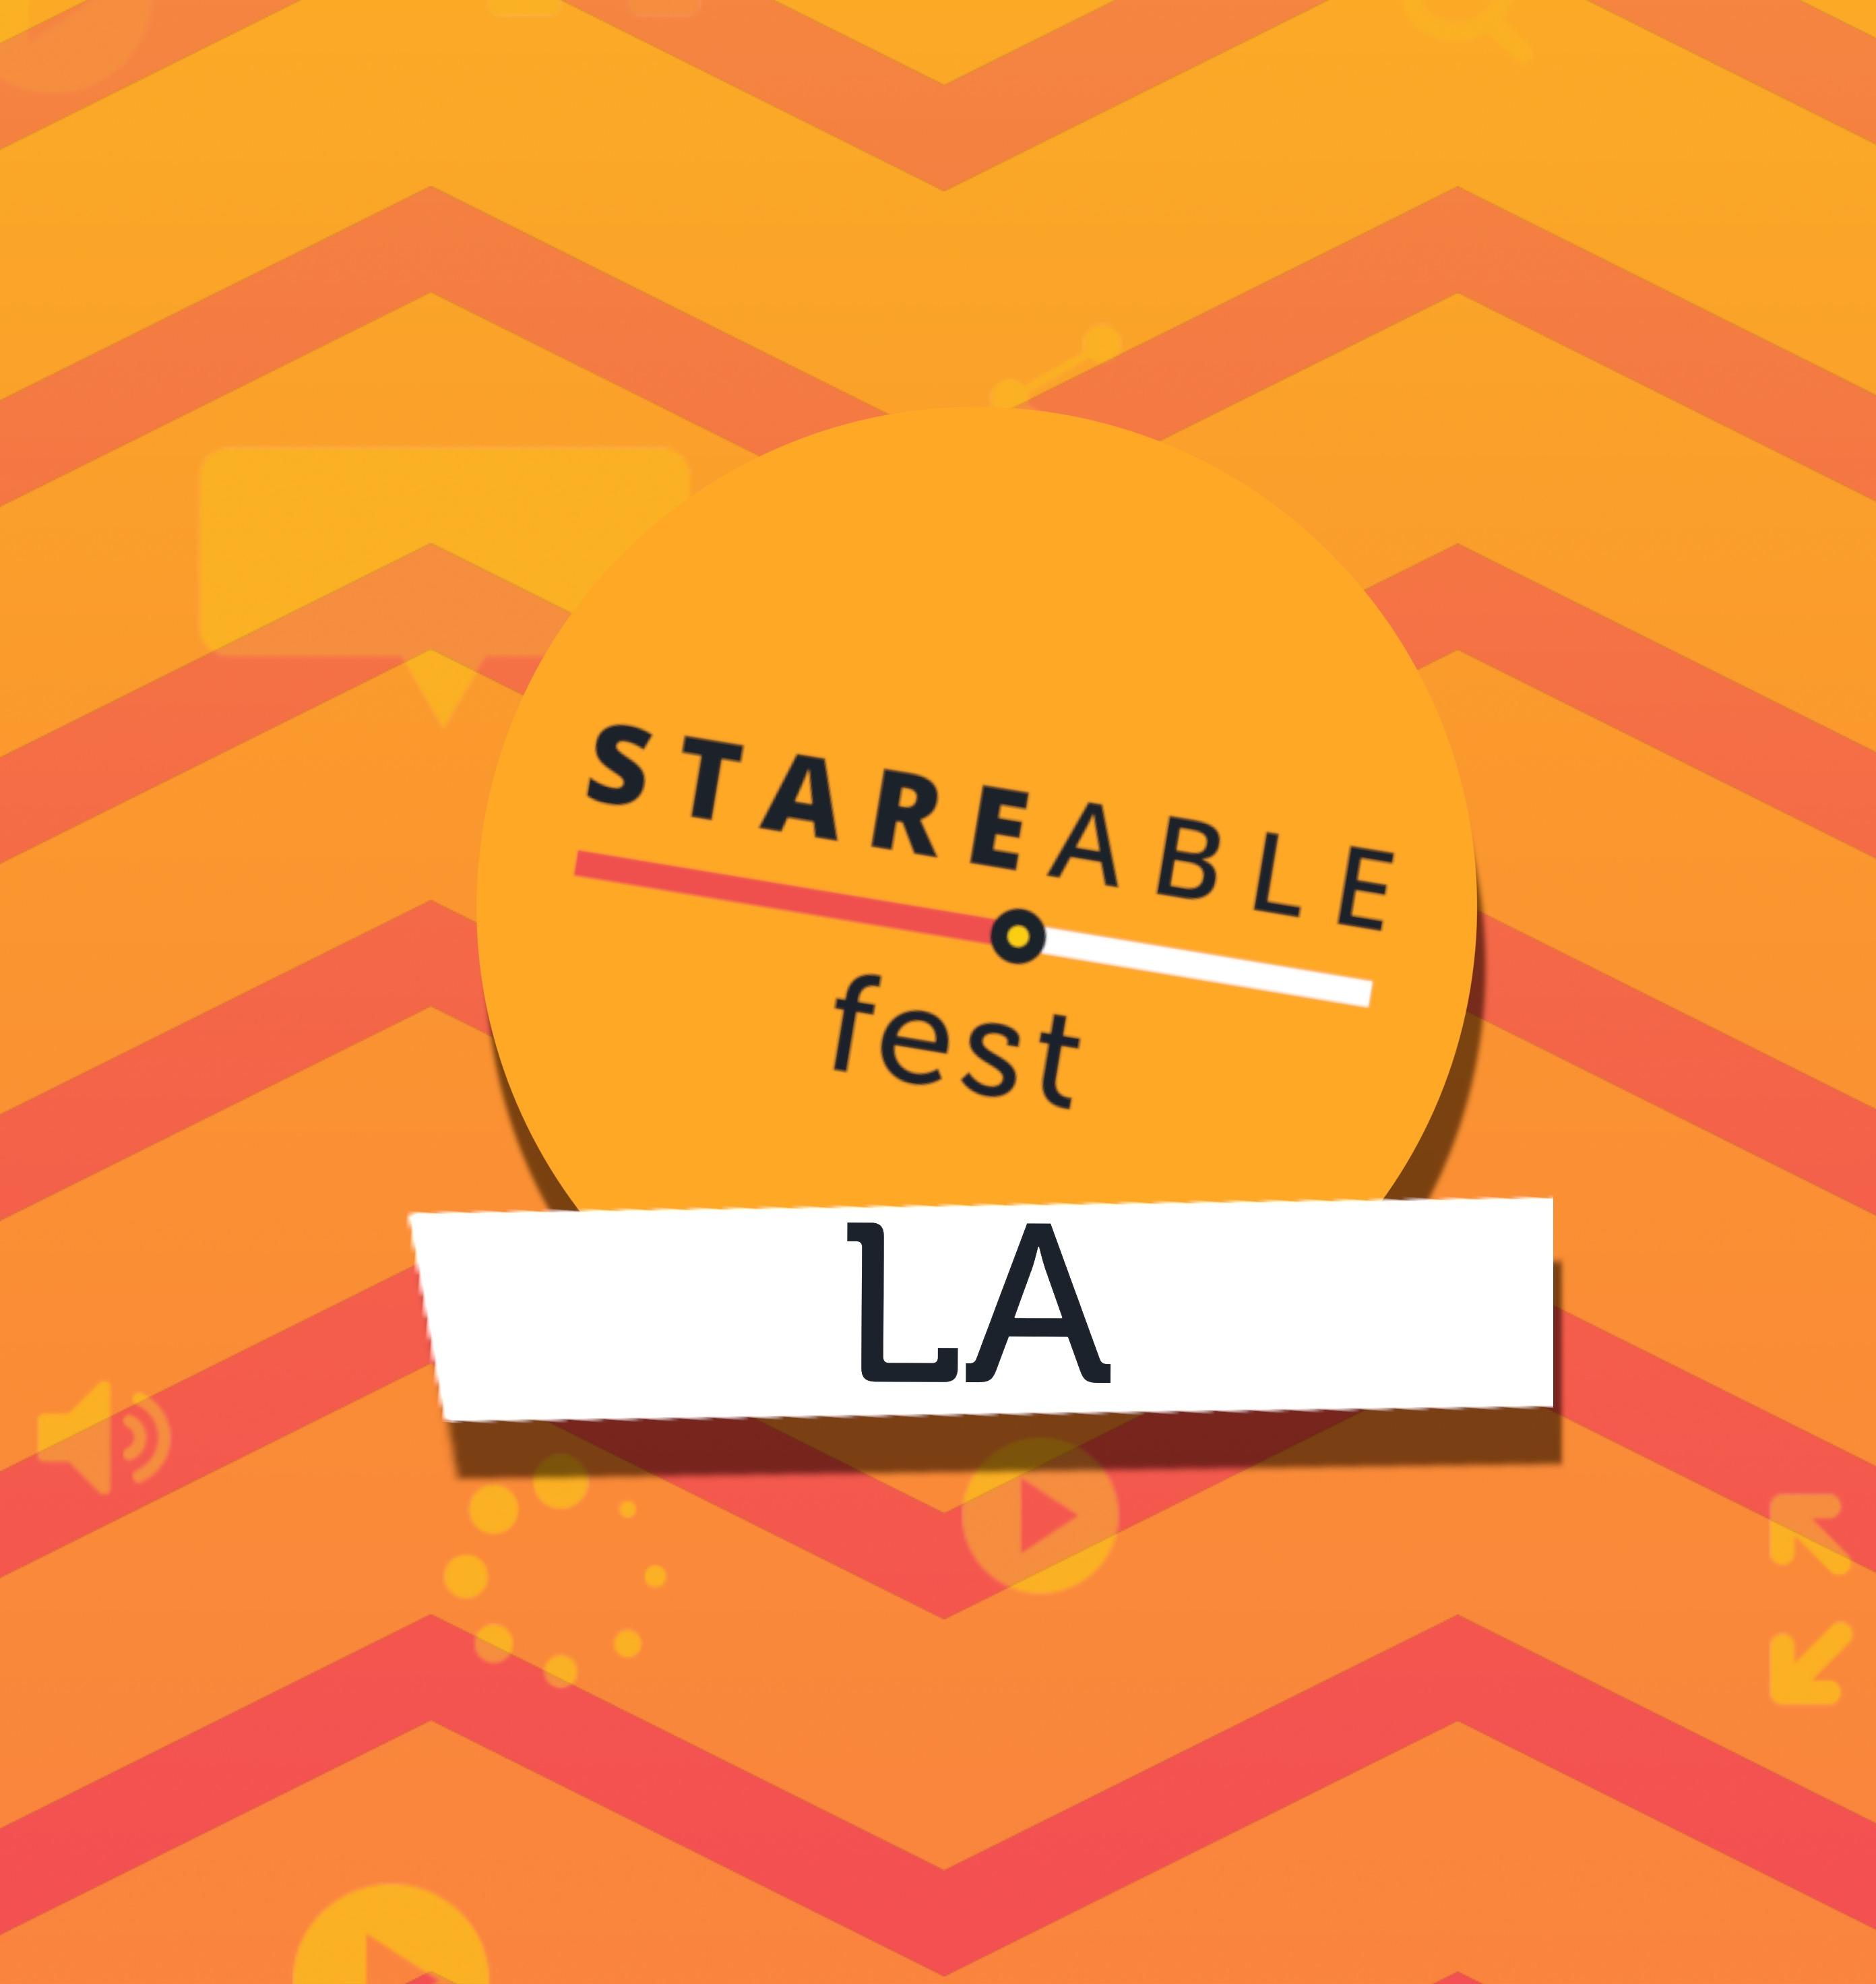 Stareable Fest LA